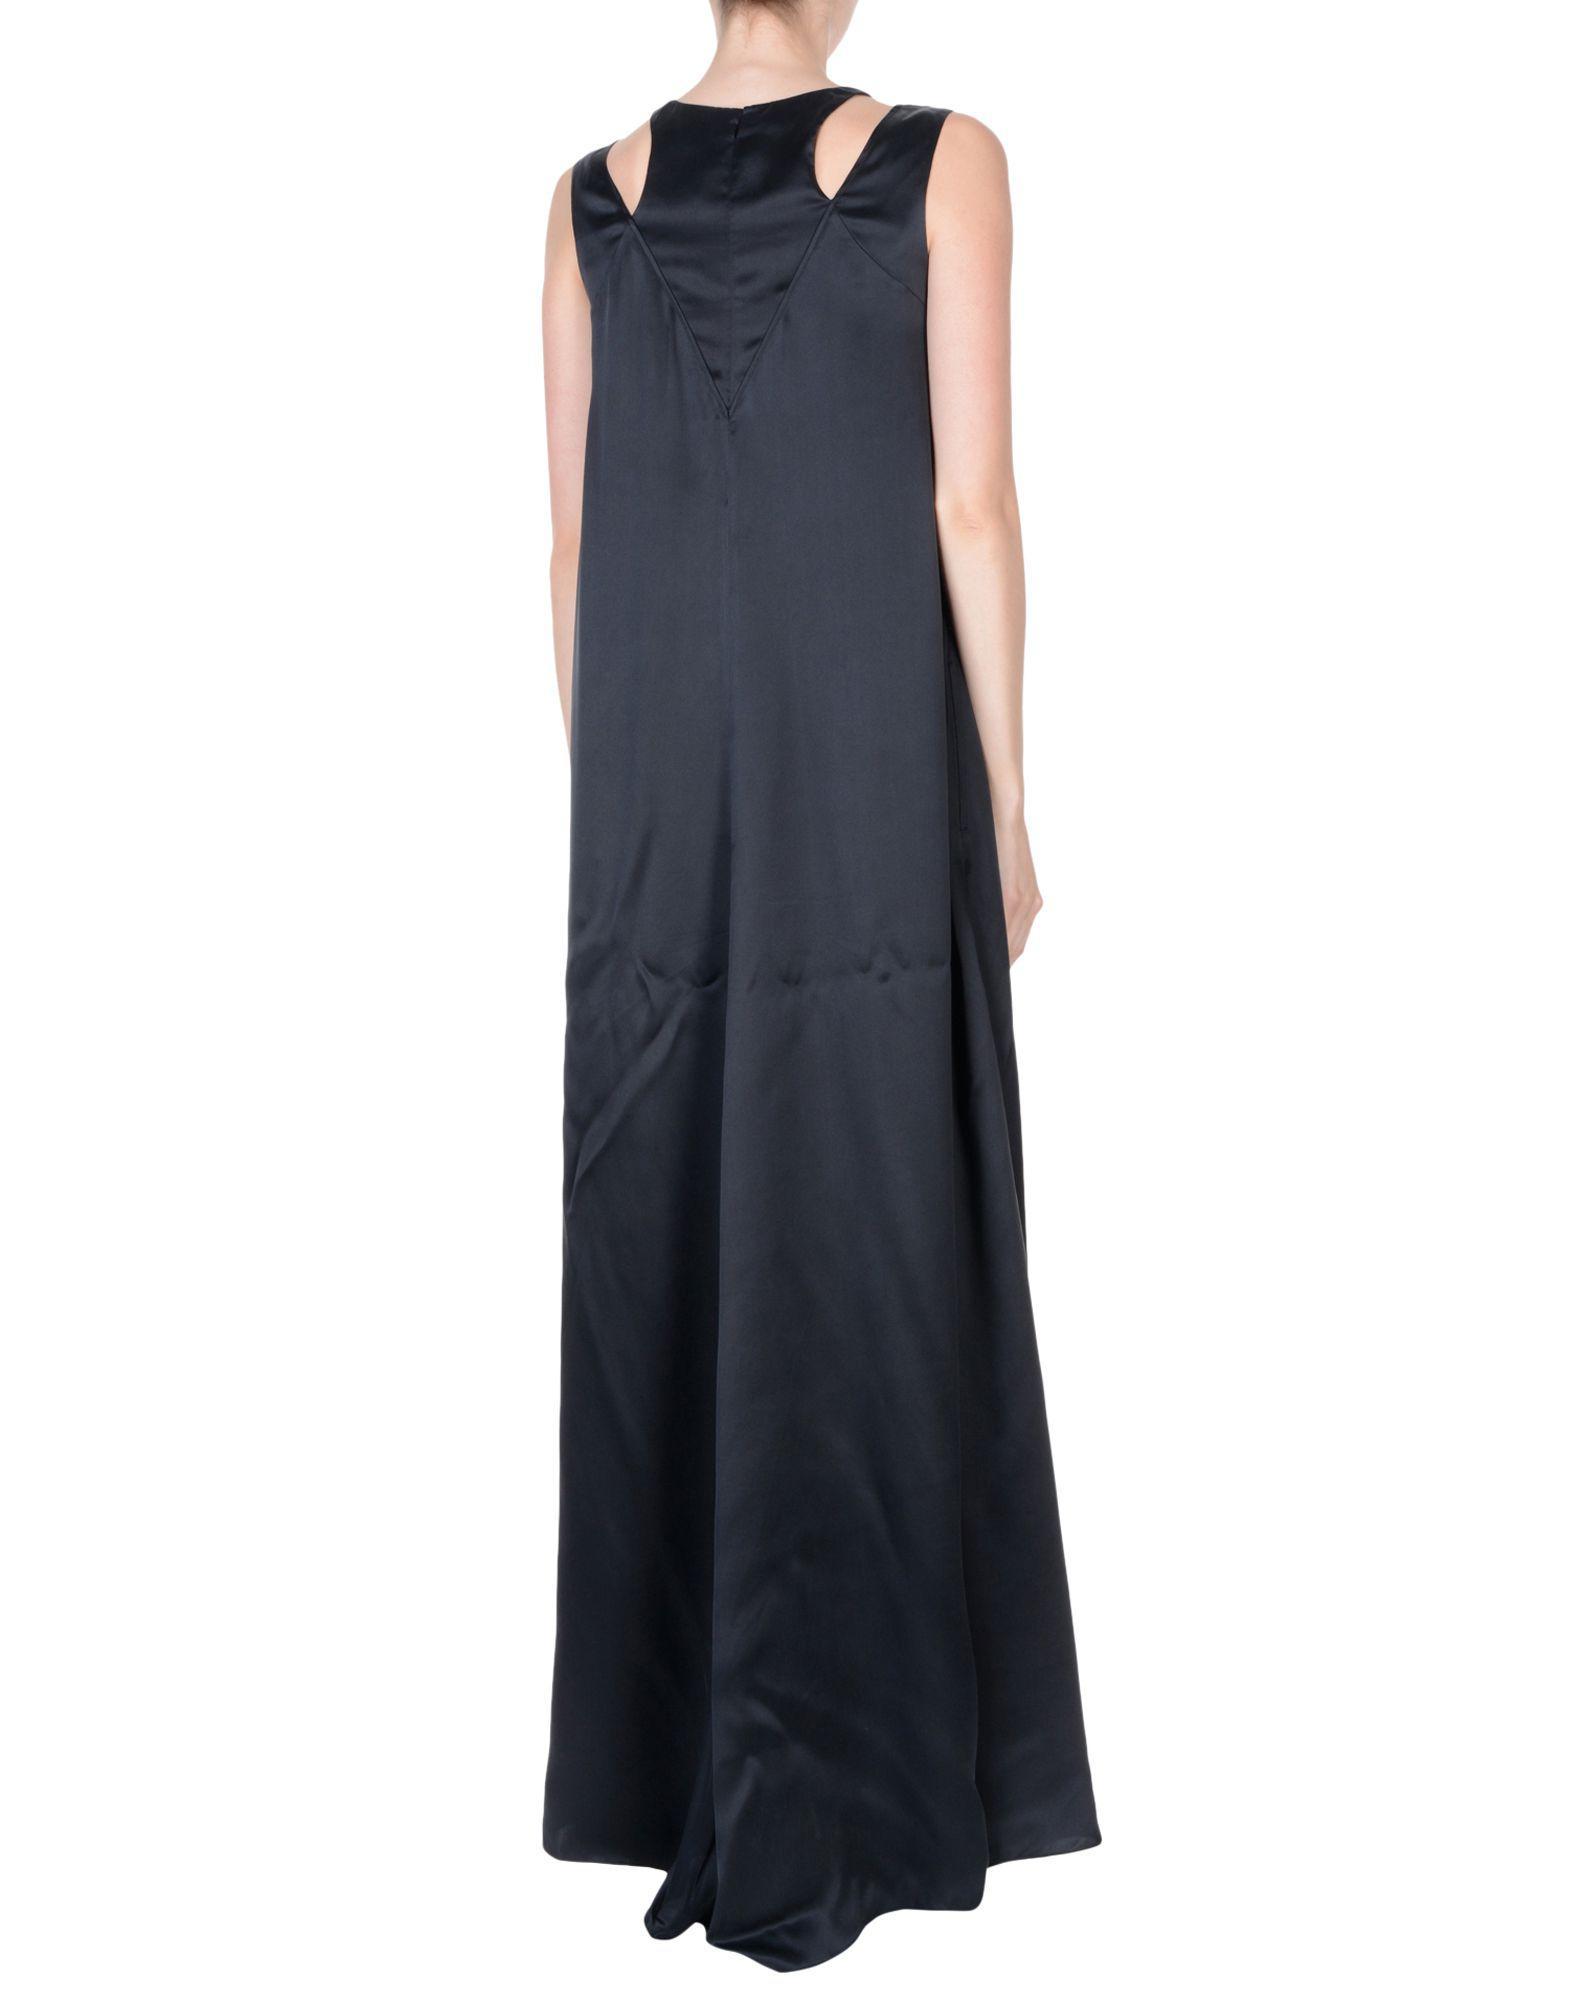 KENZO Satin Long Dress in Black